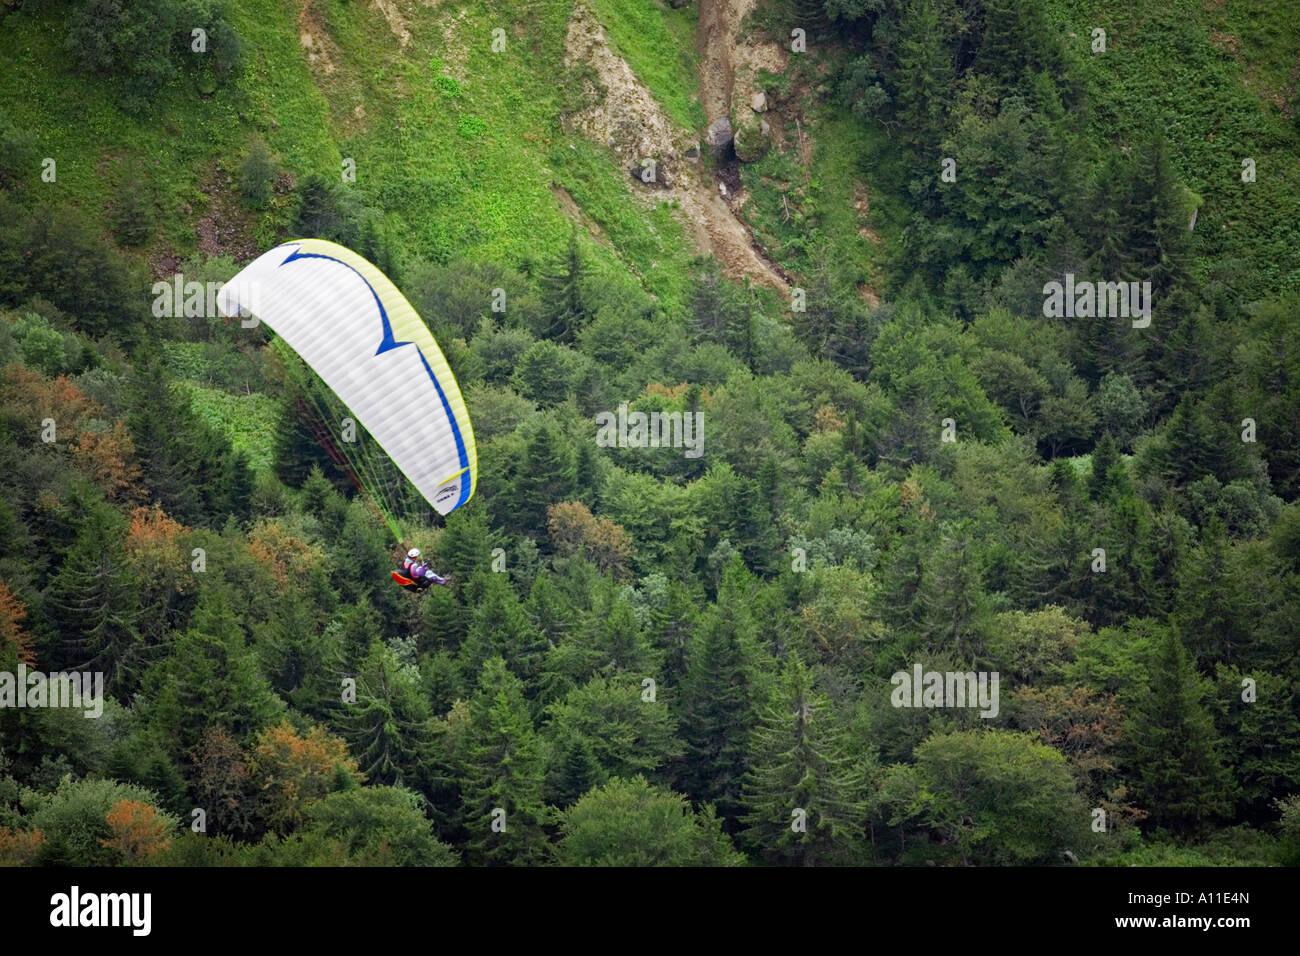 A paraglider over a fir forest (Puy de Dôme-France). Parapentiste au-dessus d'une forêt de sapins - Stock Image